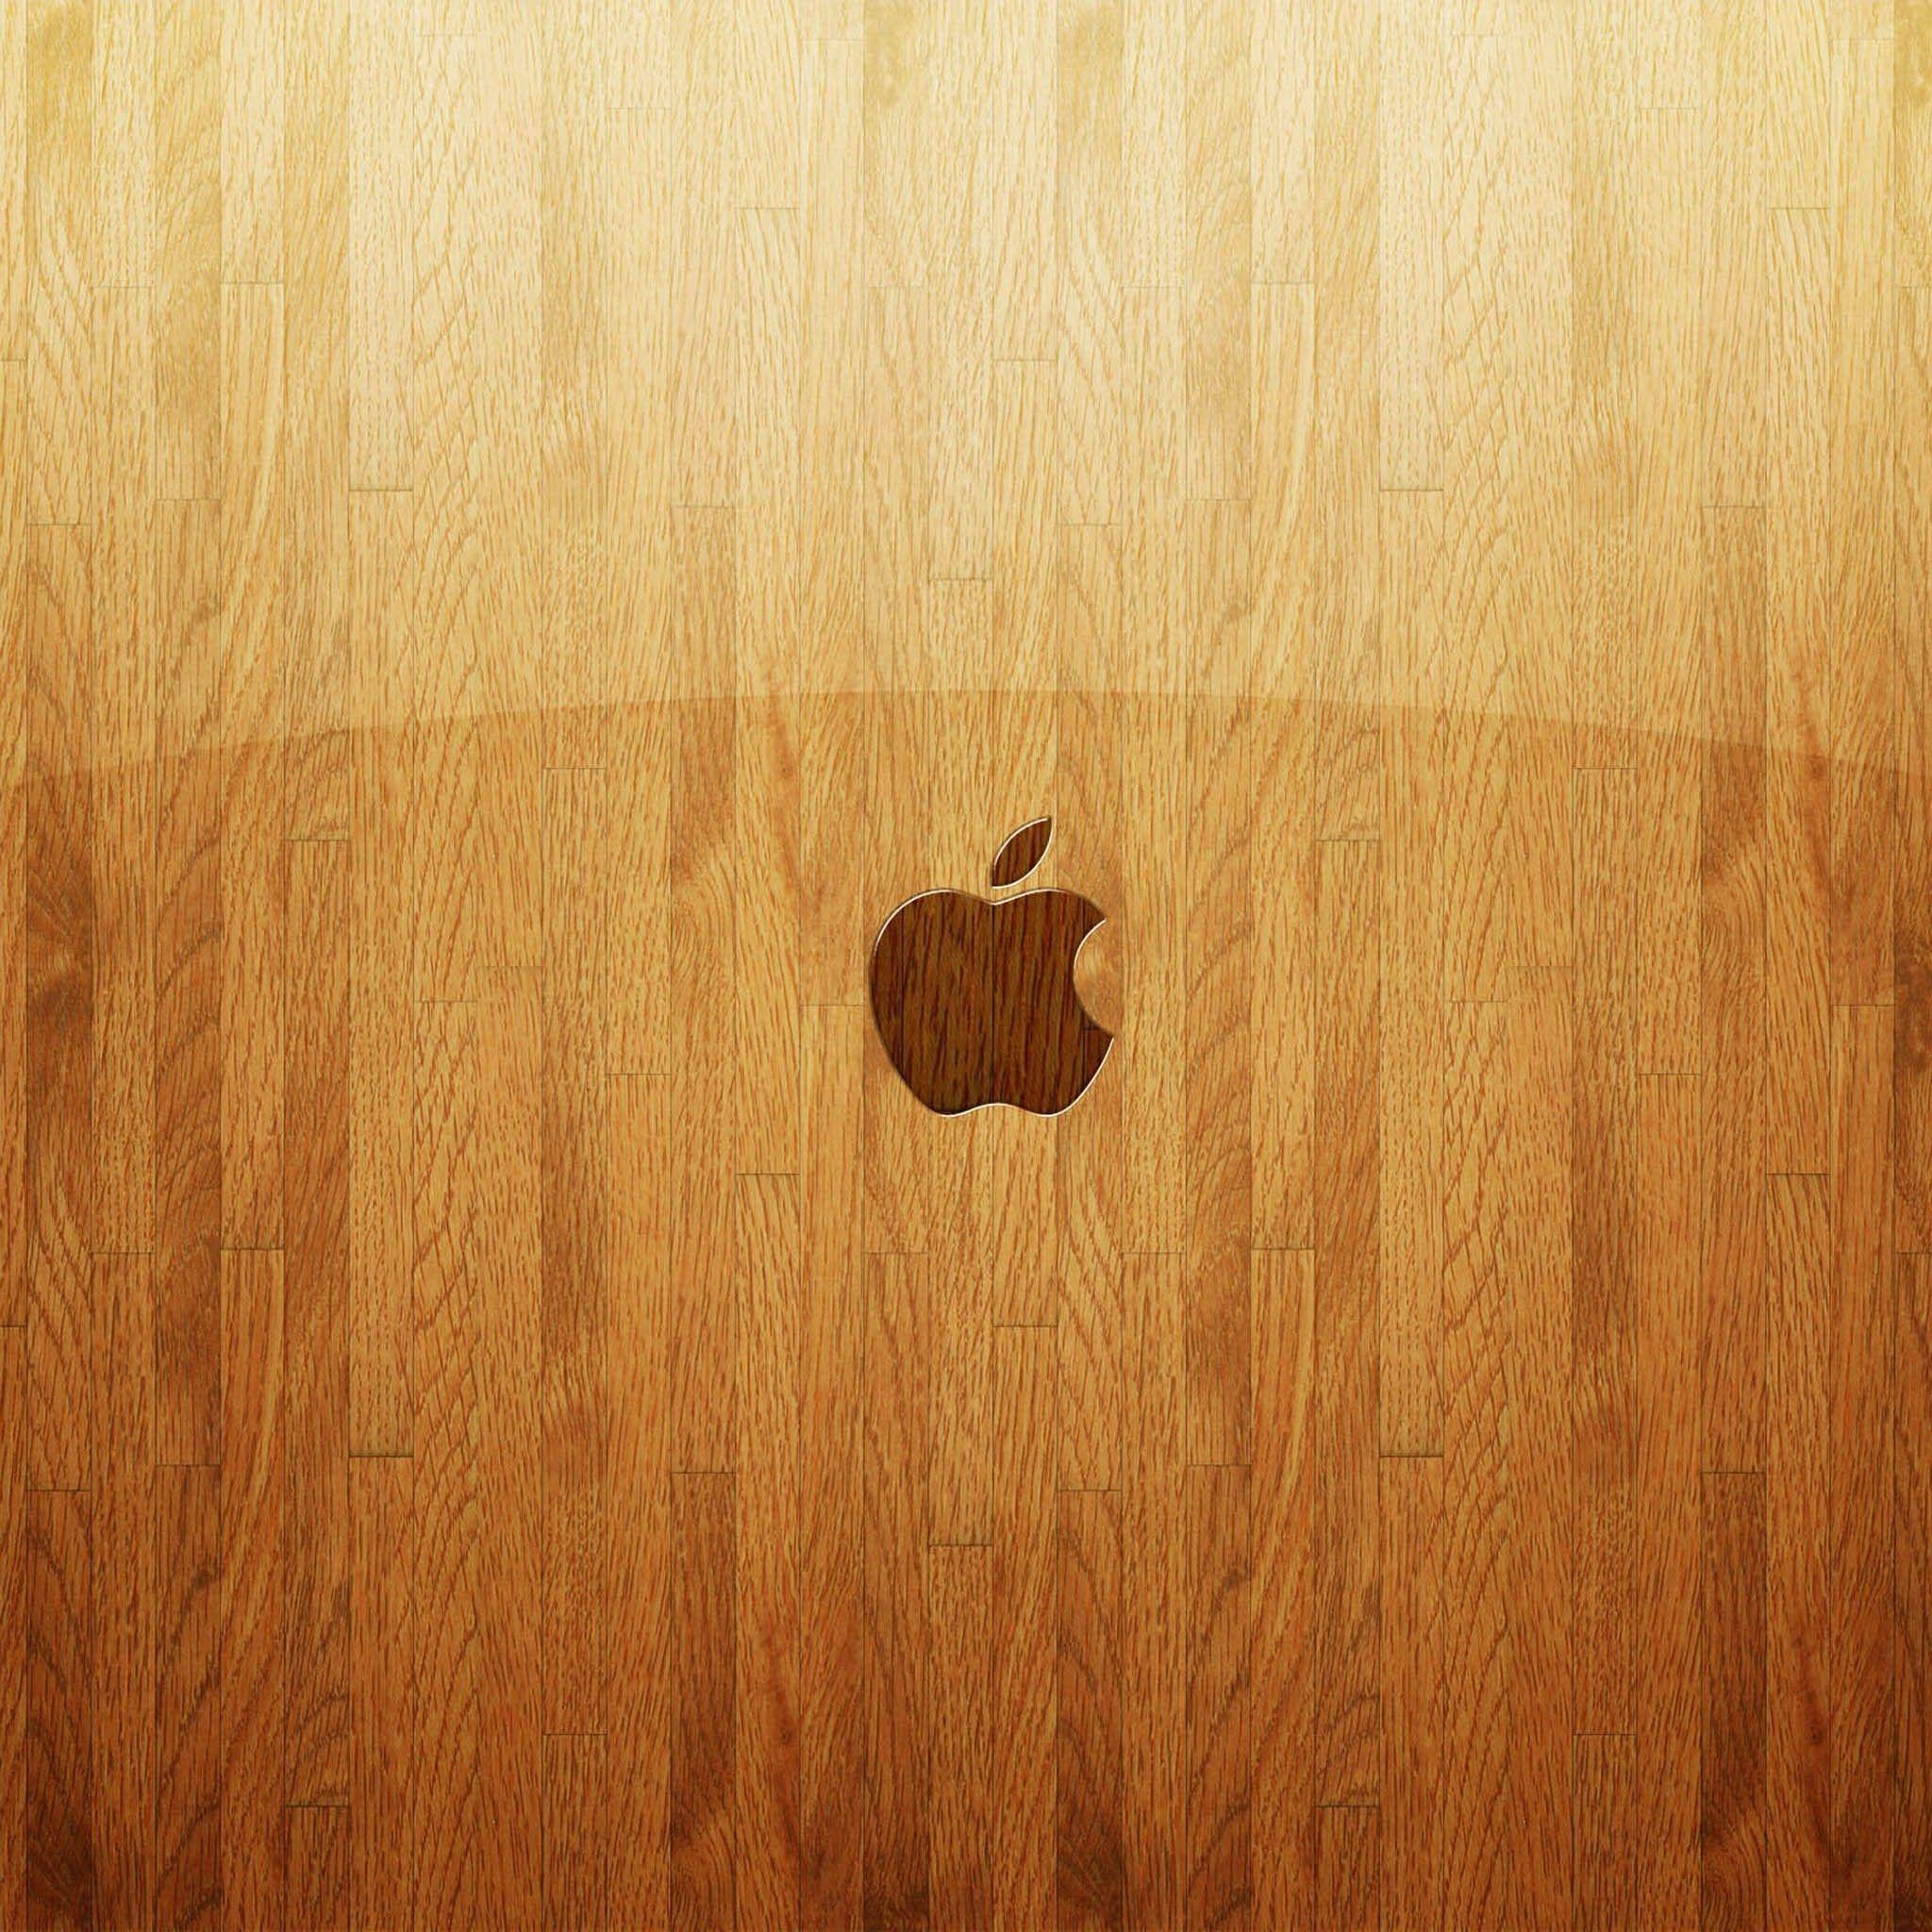 人気182位 木目のipad壁紙 壁紙 Ipad 壁紙 タブレット